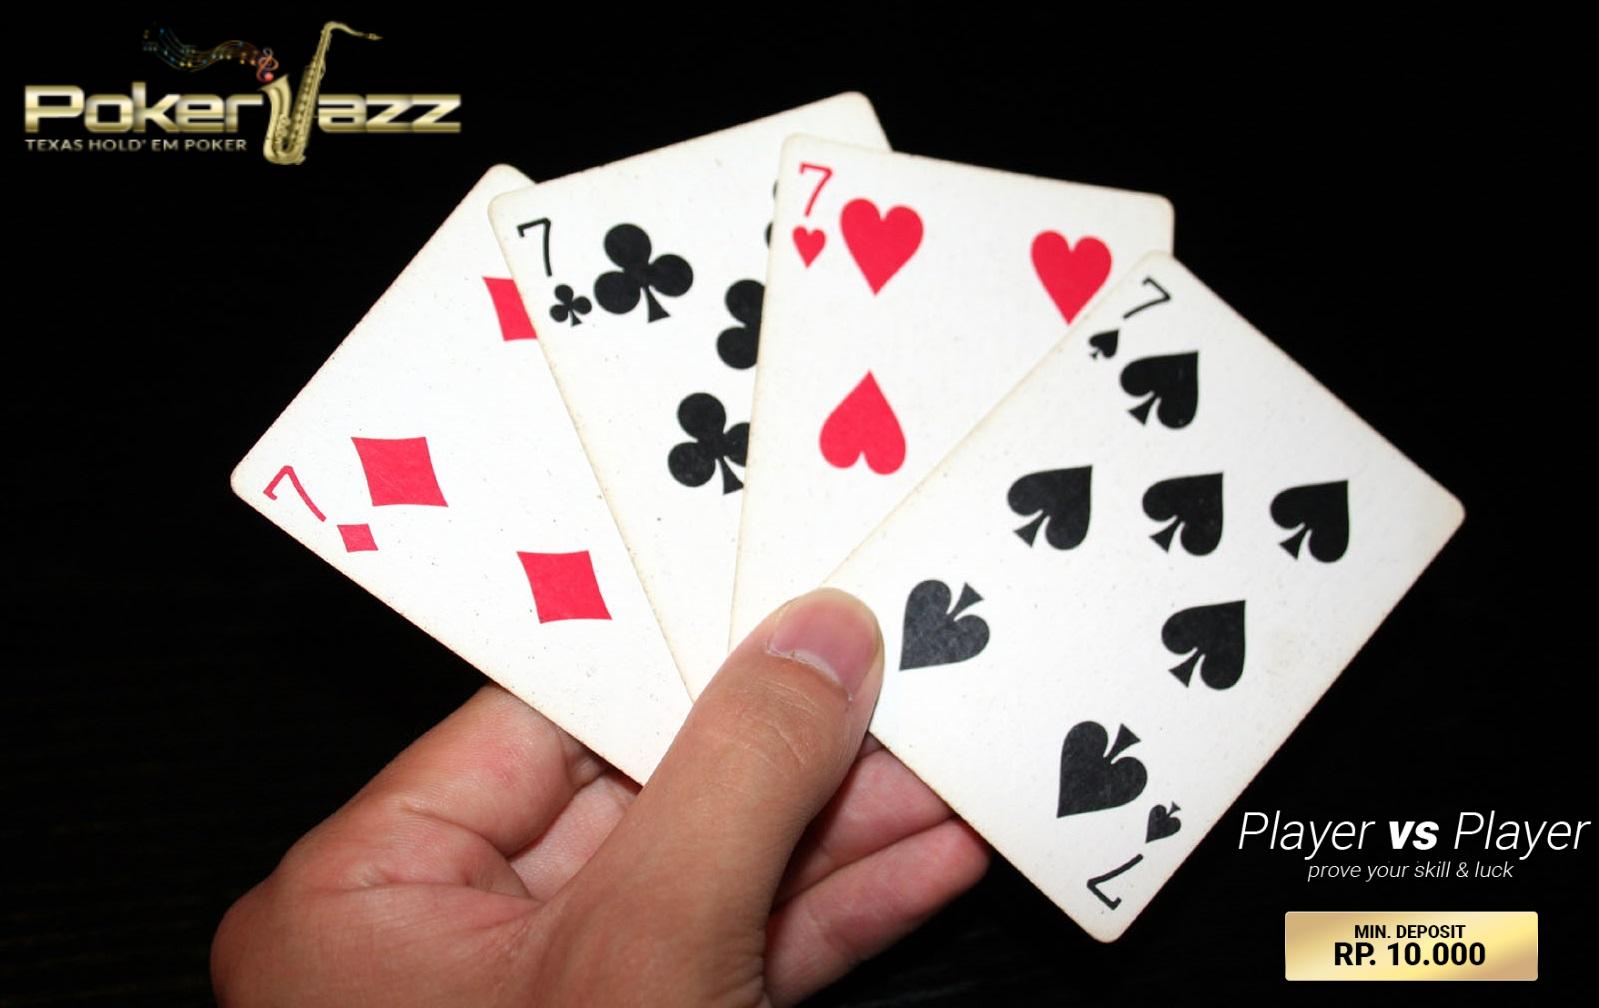 Trik Memprediksi Kartu Lawan Di Permainan Poker Online.